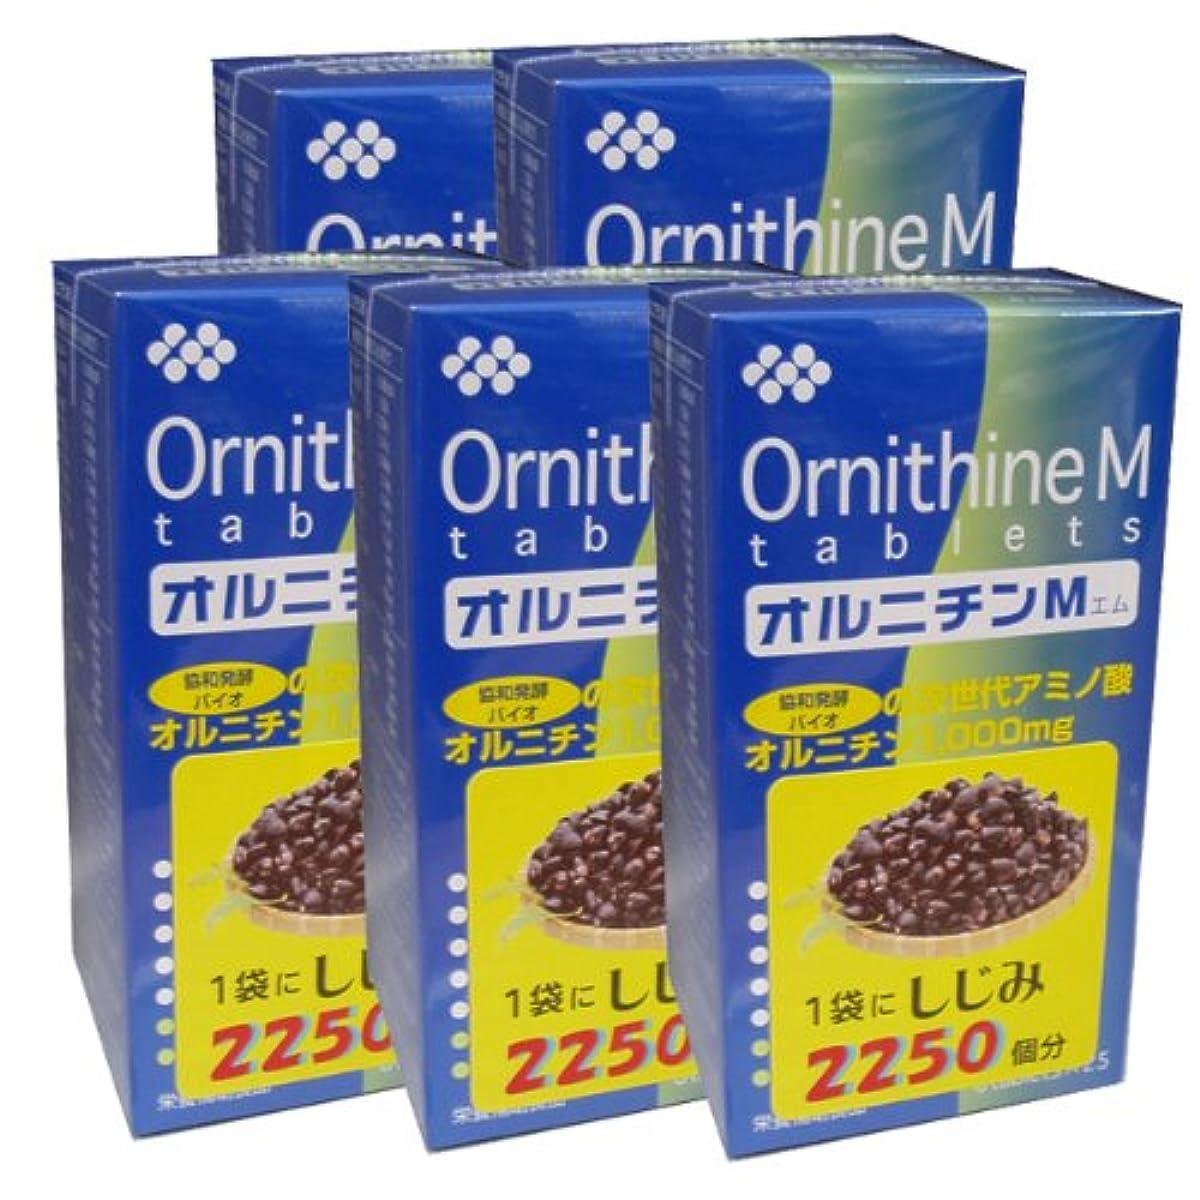 原稿腕アンソロジー協和発酵オルニチンM (6粒×25袋)×5個セット